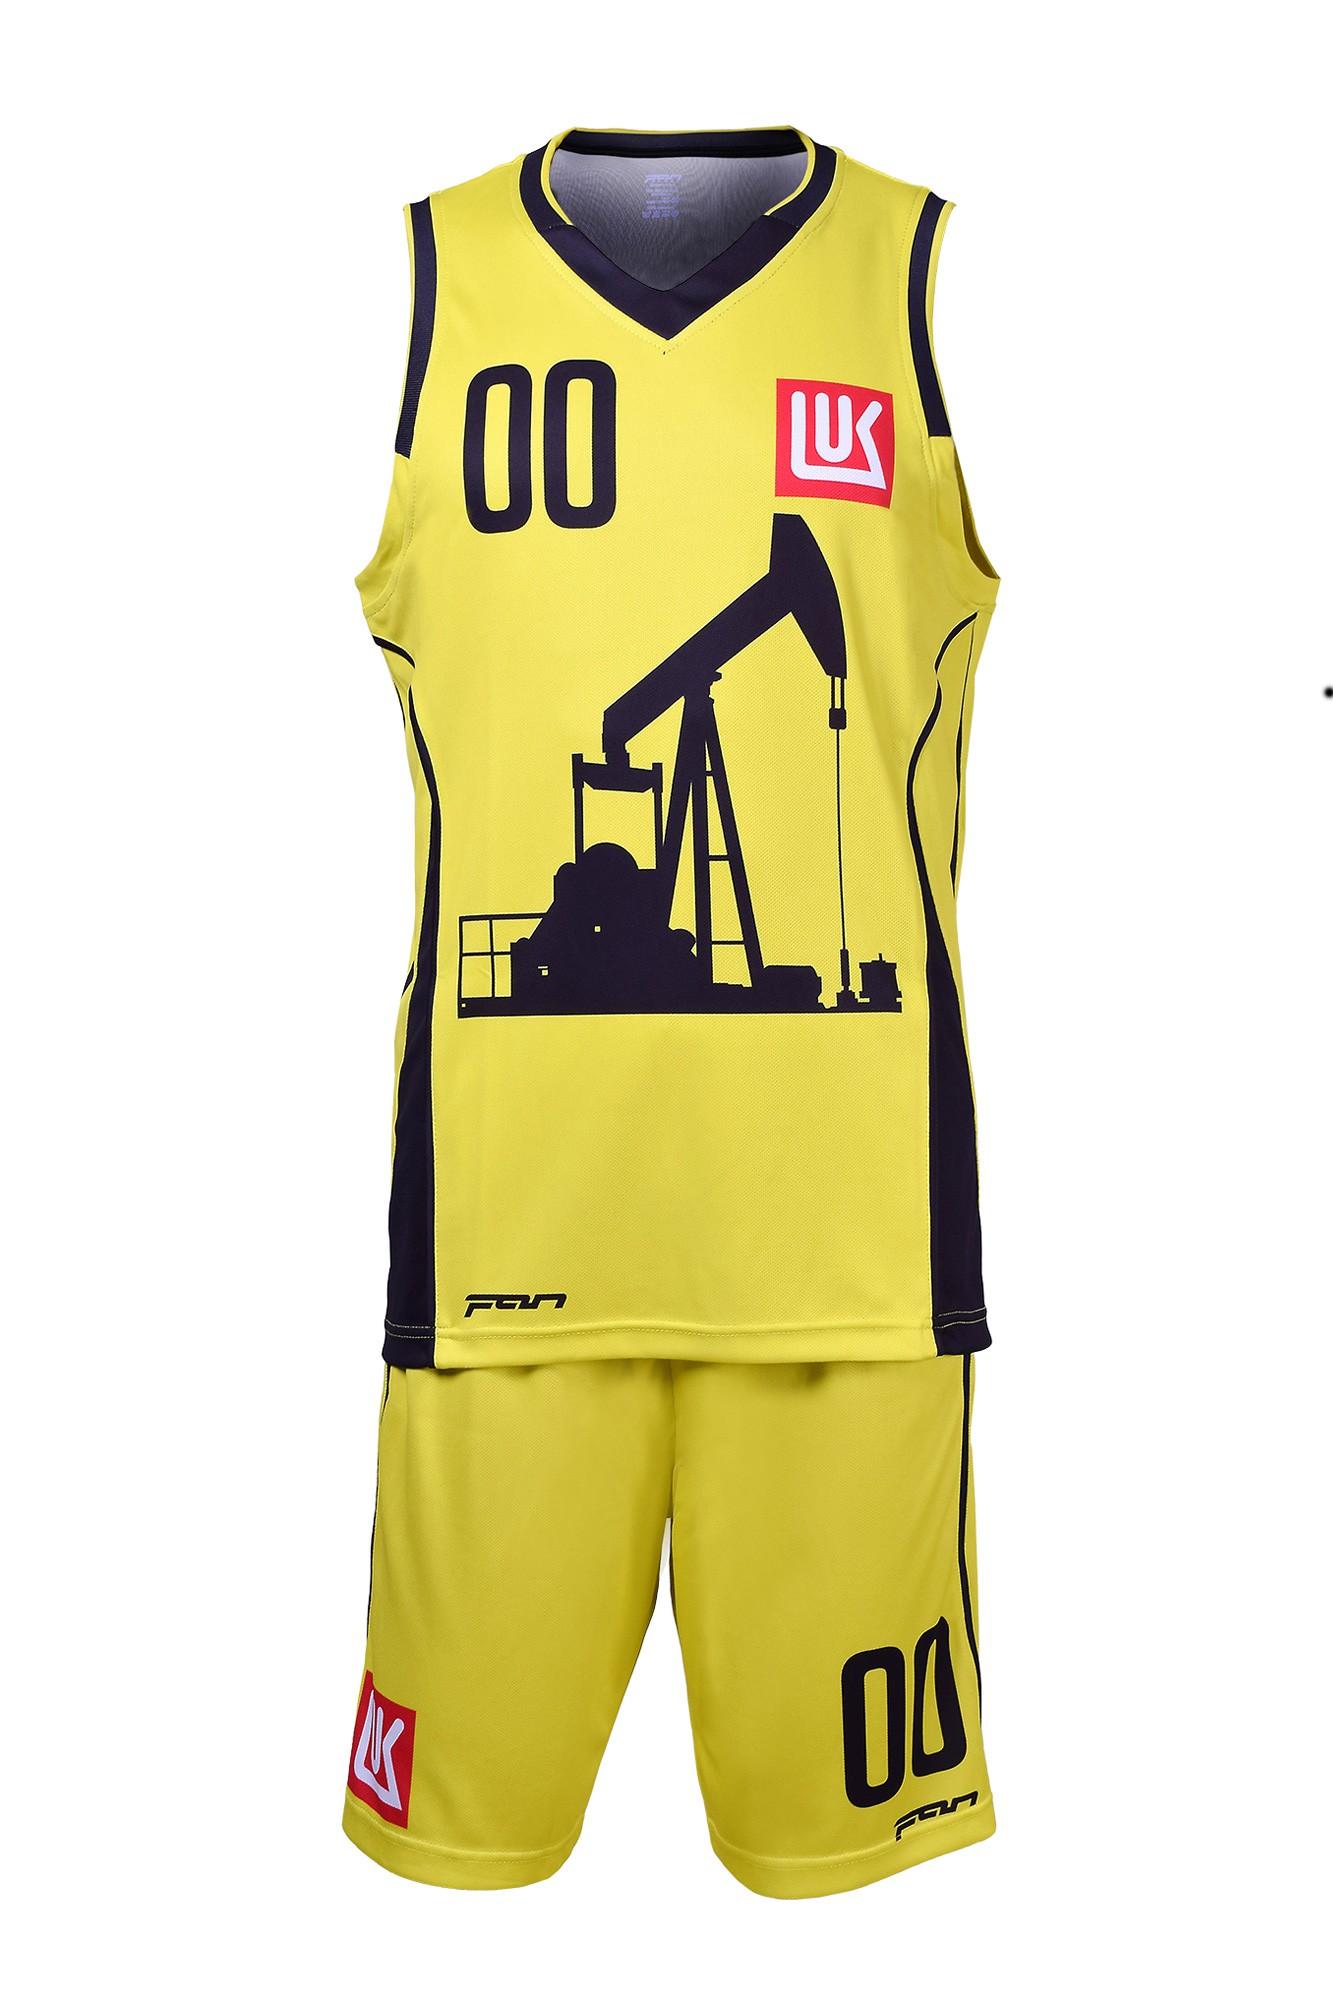 fef4bde6 Пошив баскетбольной формы на заказ с фамилией и номером.   FAN Sport